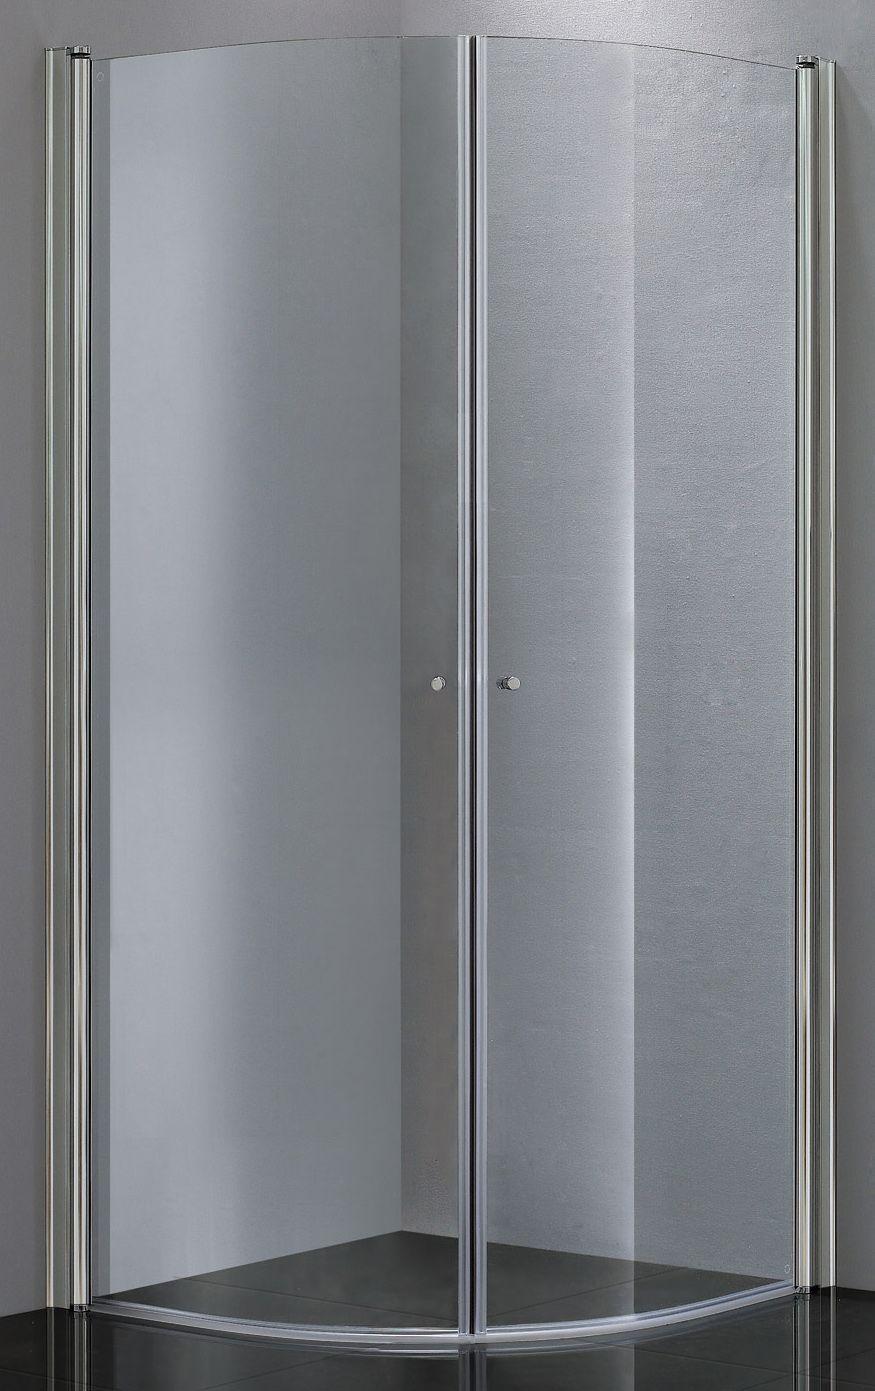 Picto duschhörna svängd | Alterna badrum | Stiltips | Pinterest ... : duschvägg snedtak : Inredning